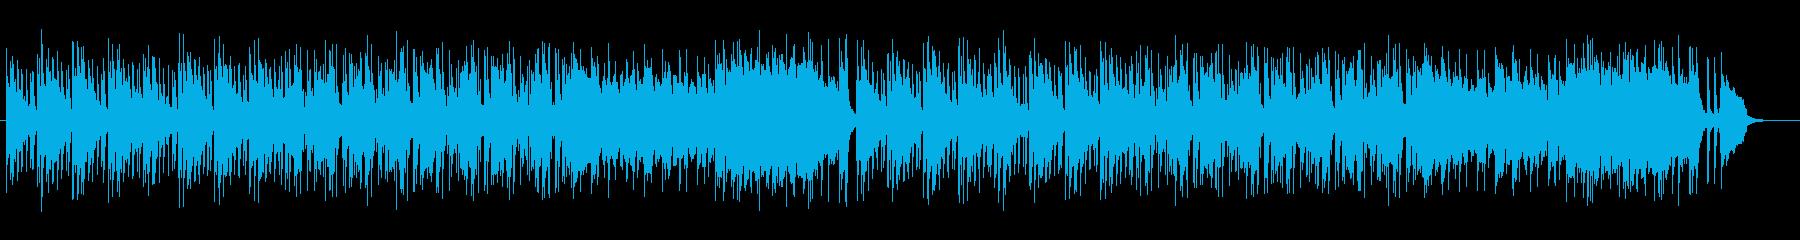 柔らかく明るいミュージックの再生済みの波形